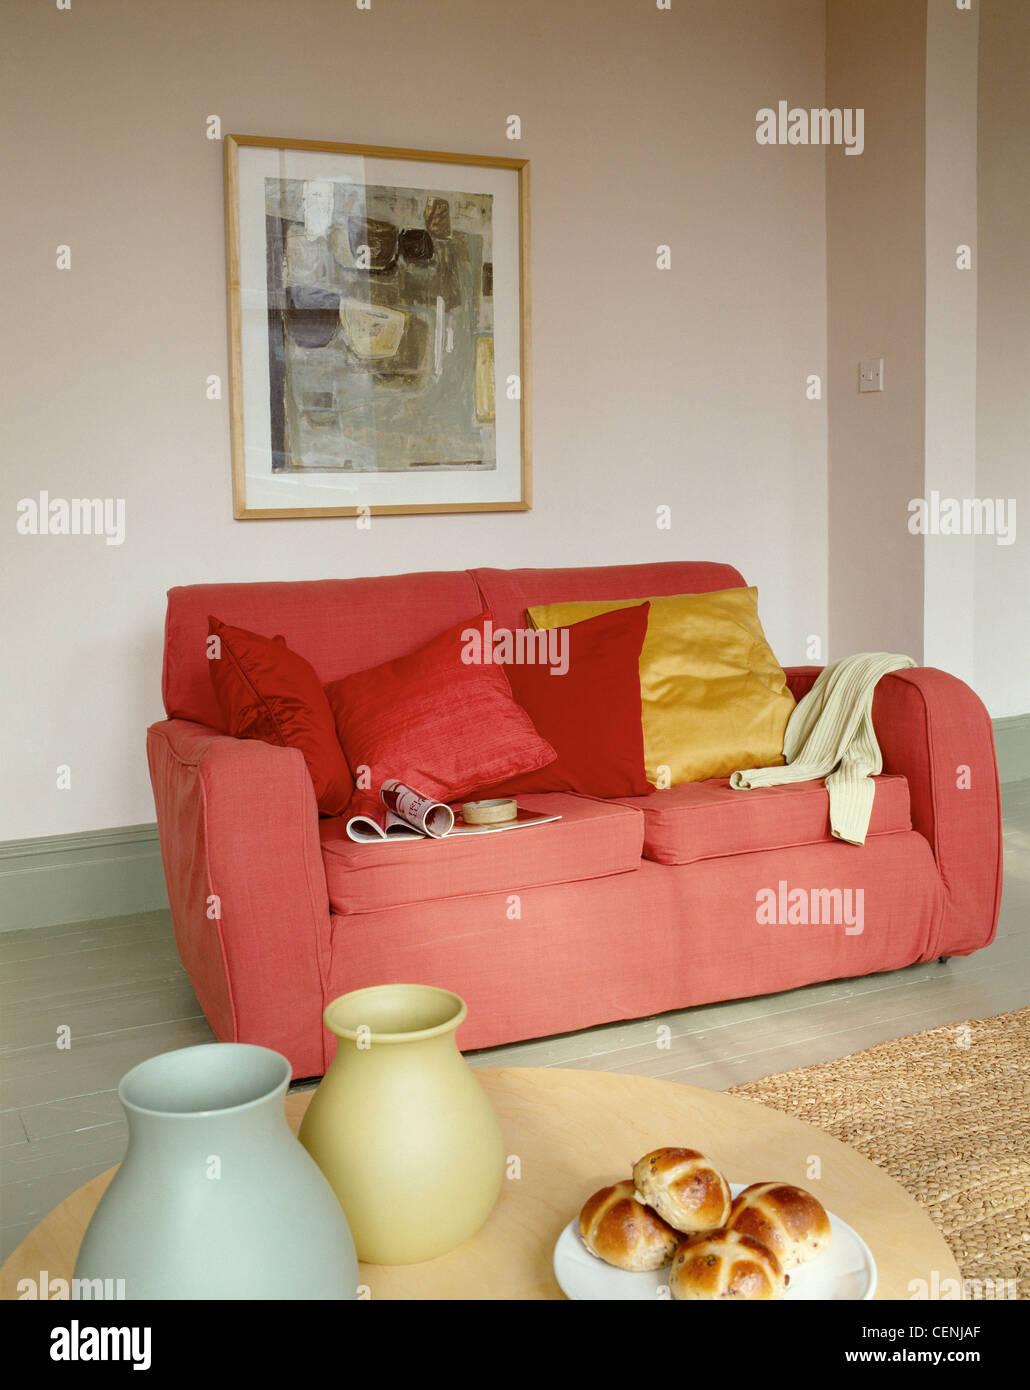 Wohn  Und Esszimmer Makeover: Nach Dem Sofa Im Wohnzimmer Rot Rote Goldene  Kissen, Abstraktes Bild An Wand, Holz